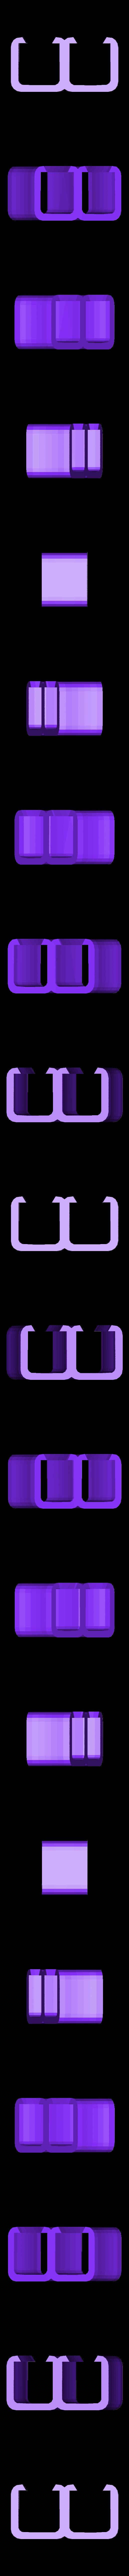 anneau_foulard.attache..stl Télécharger fichier STL gratuit Support pour cravate et foulards • Modèle imprimable en 3D, ernestmocassin